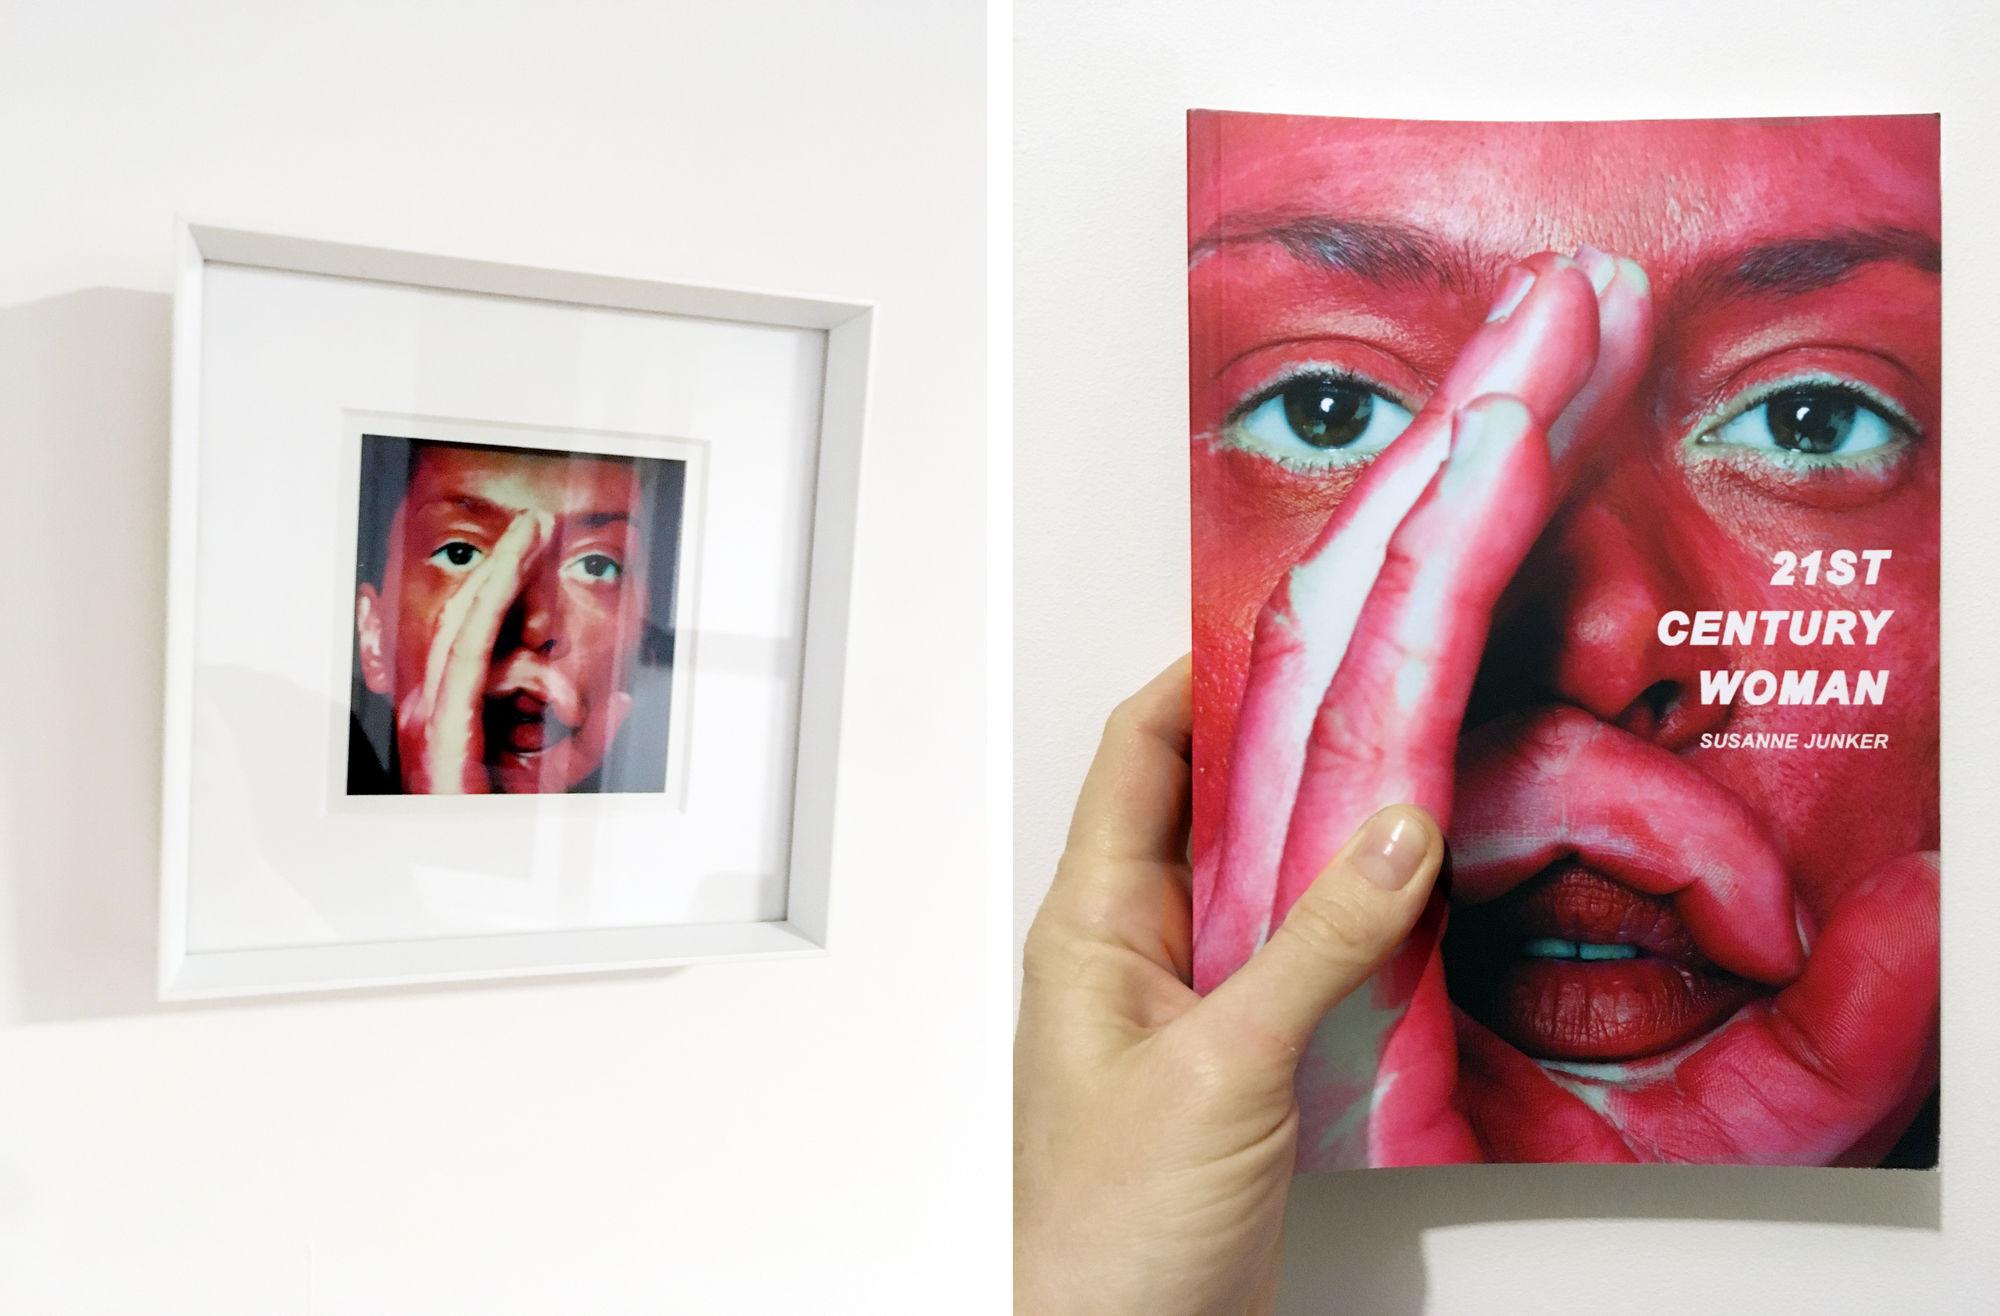 SUSANNE JUNKER print + book package